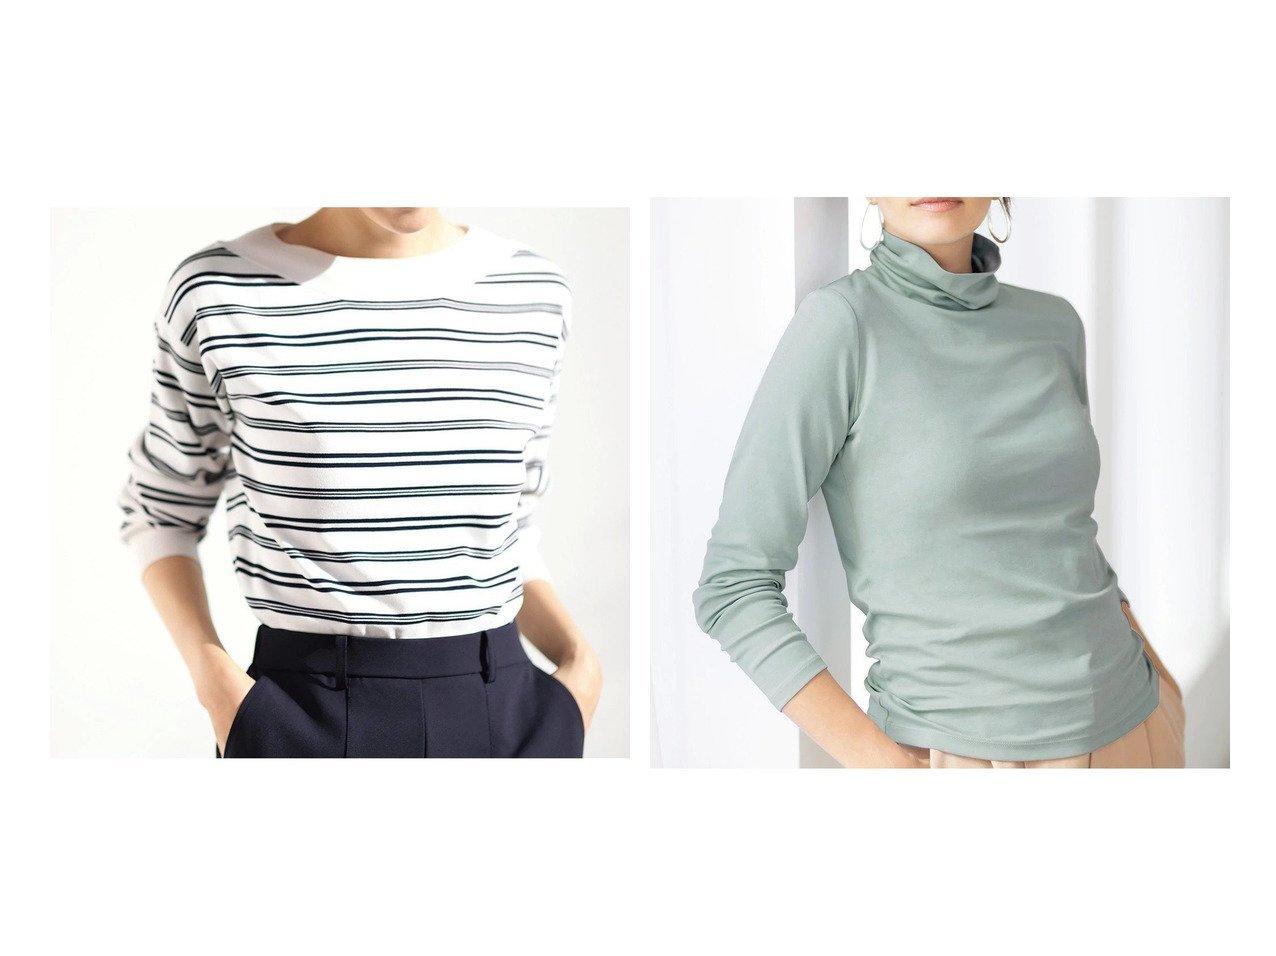 【DoCLASSE/ドゥクラッセ】の総針編み・ボートネックセーター&超長綿タートル/無地 ドゥクラッセの40代、50代の方におすすめ!人気トレンド・ファッションの通販 おすすめで人気の流行・トレンド、ファッションの通販商品 メンズファッション・キッズファッション・インテリア・家具・レディースファッション・服の通販 founy(ファニー) https://founy.com/ ファッション Fashion レディースファッション WOMEN なめらか セーター デコルテ 春 Spring シルク シンプル タートル タートルネック 無地 |ID:crp329100000021645